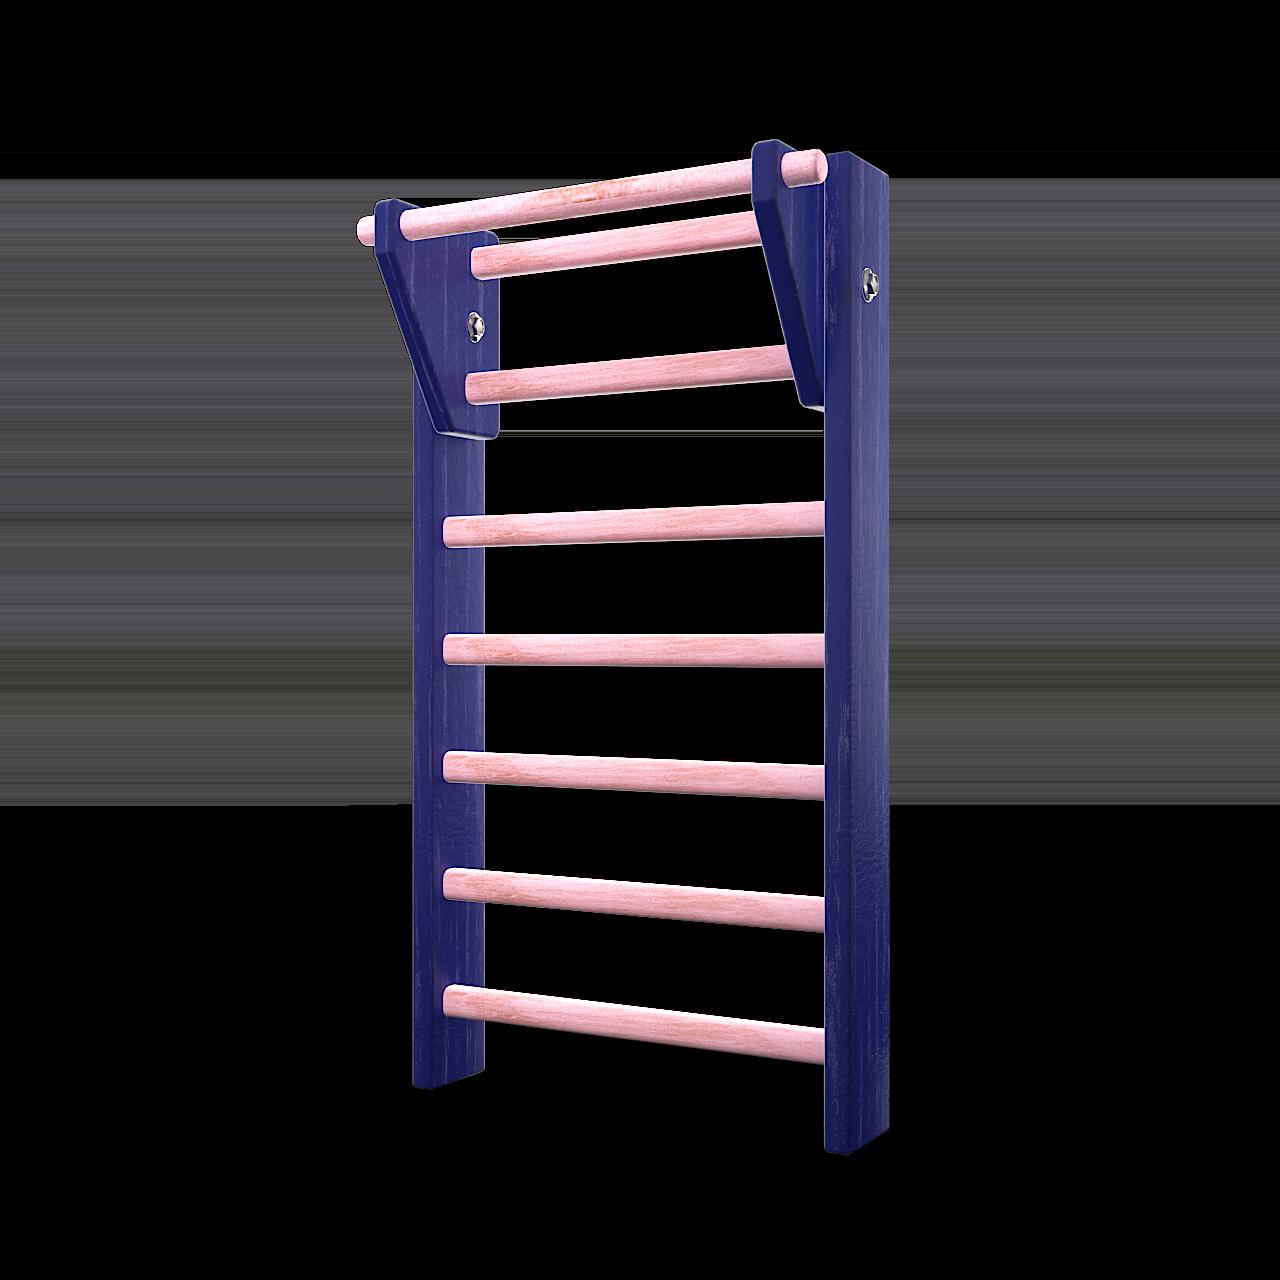 3d modell av en rosa og blaa ribbevegg i gymmen